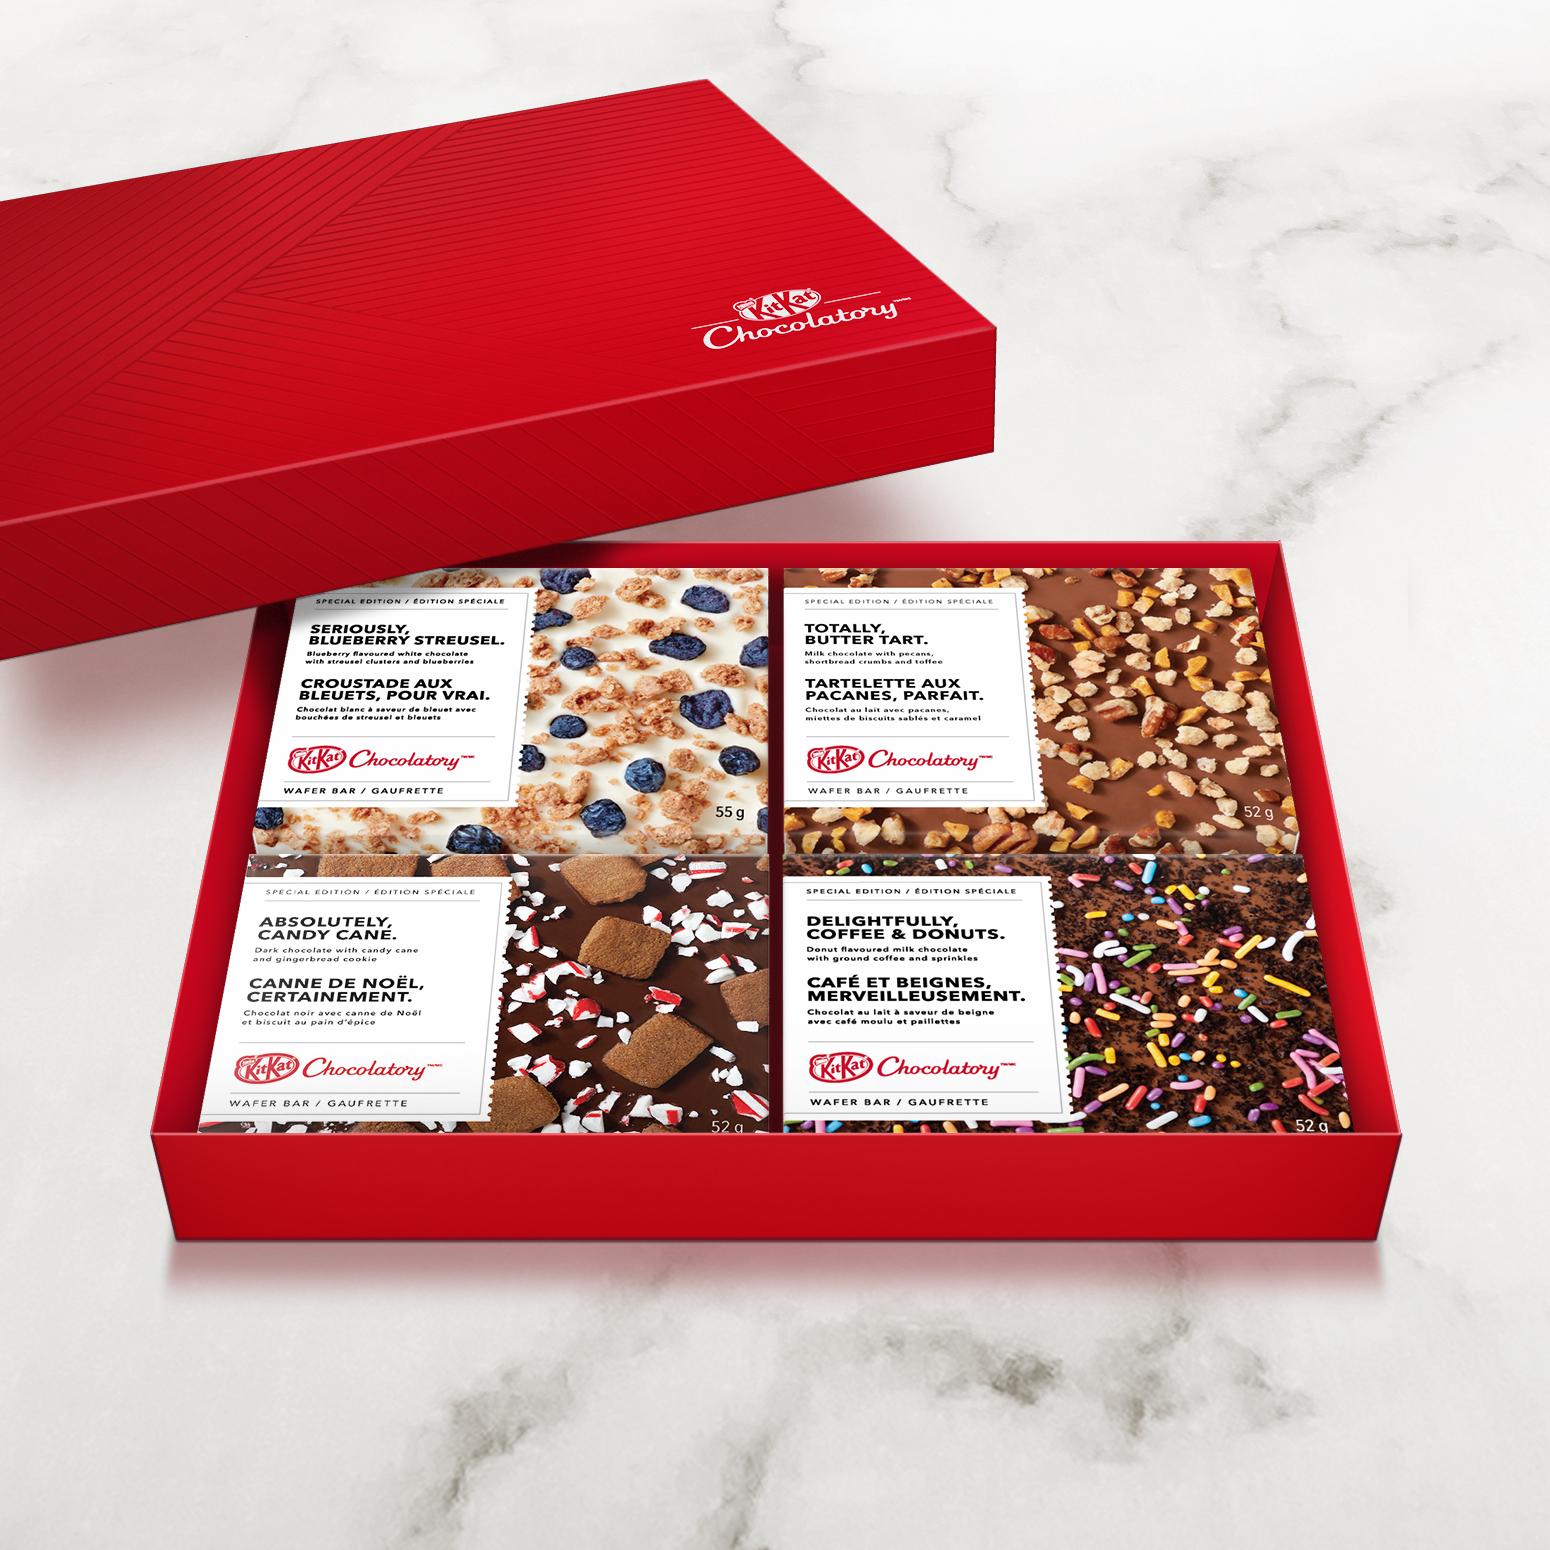 Kitkat Chocolatory Nestle Canada